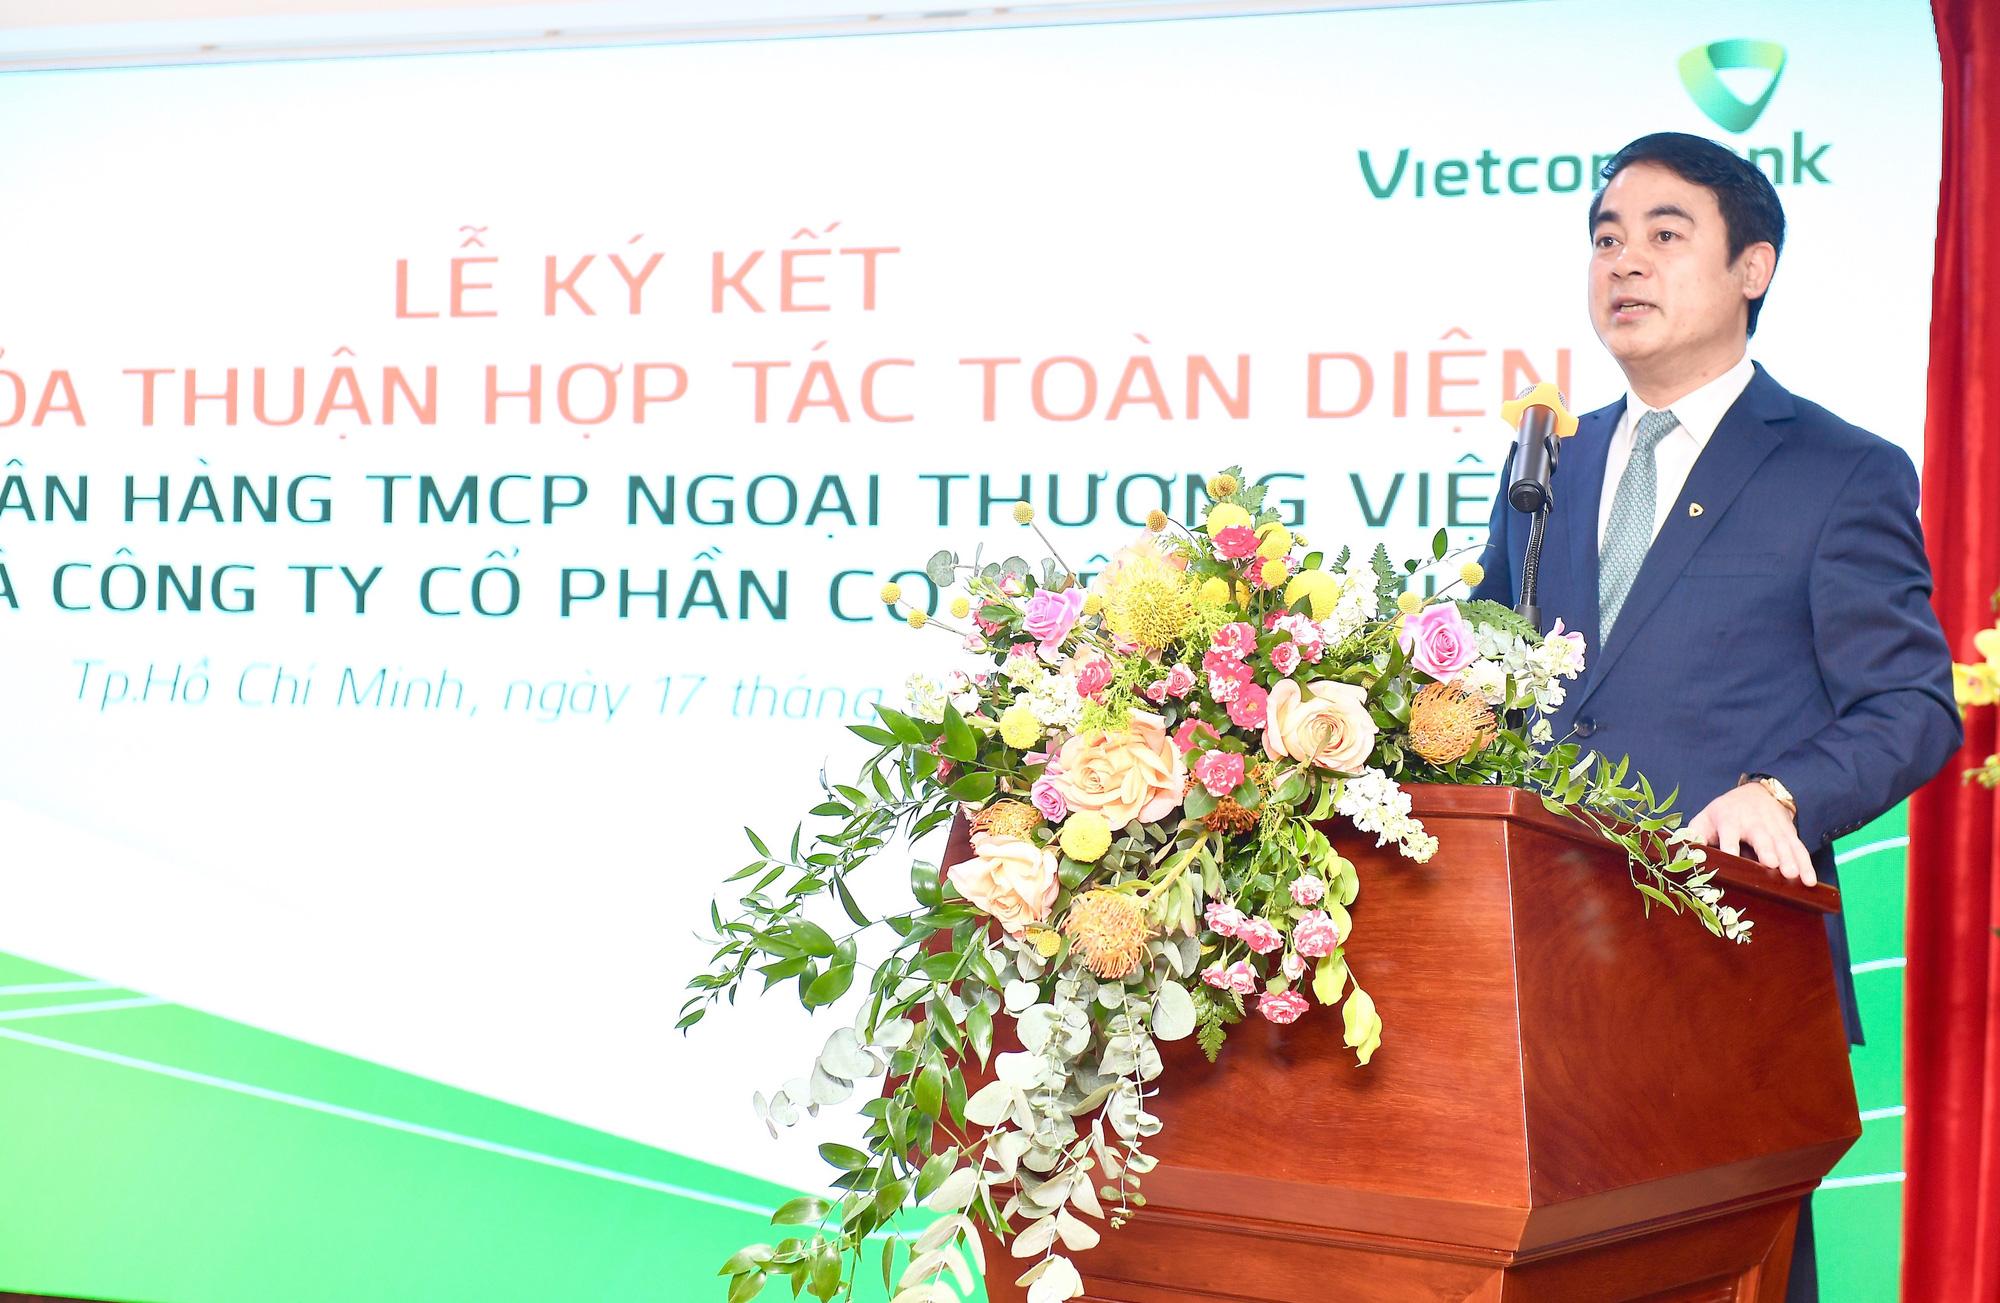 Vietcombank và REE Corporation ký kết Thoả thuận Hợp tác toàn diện - Ảnh 1.